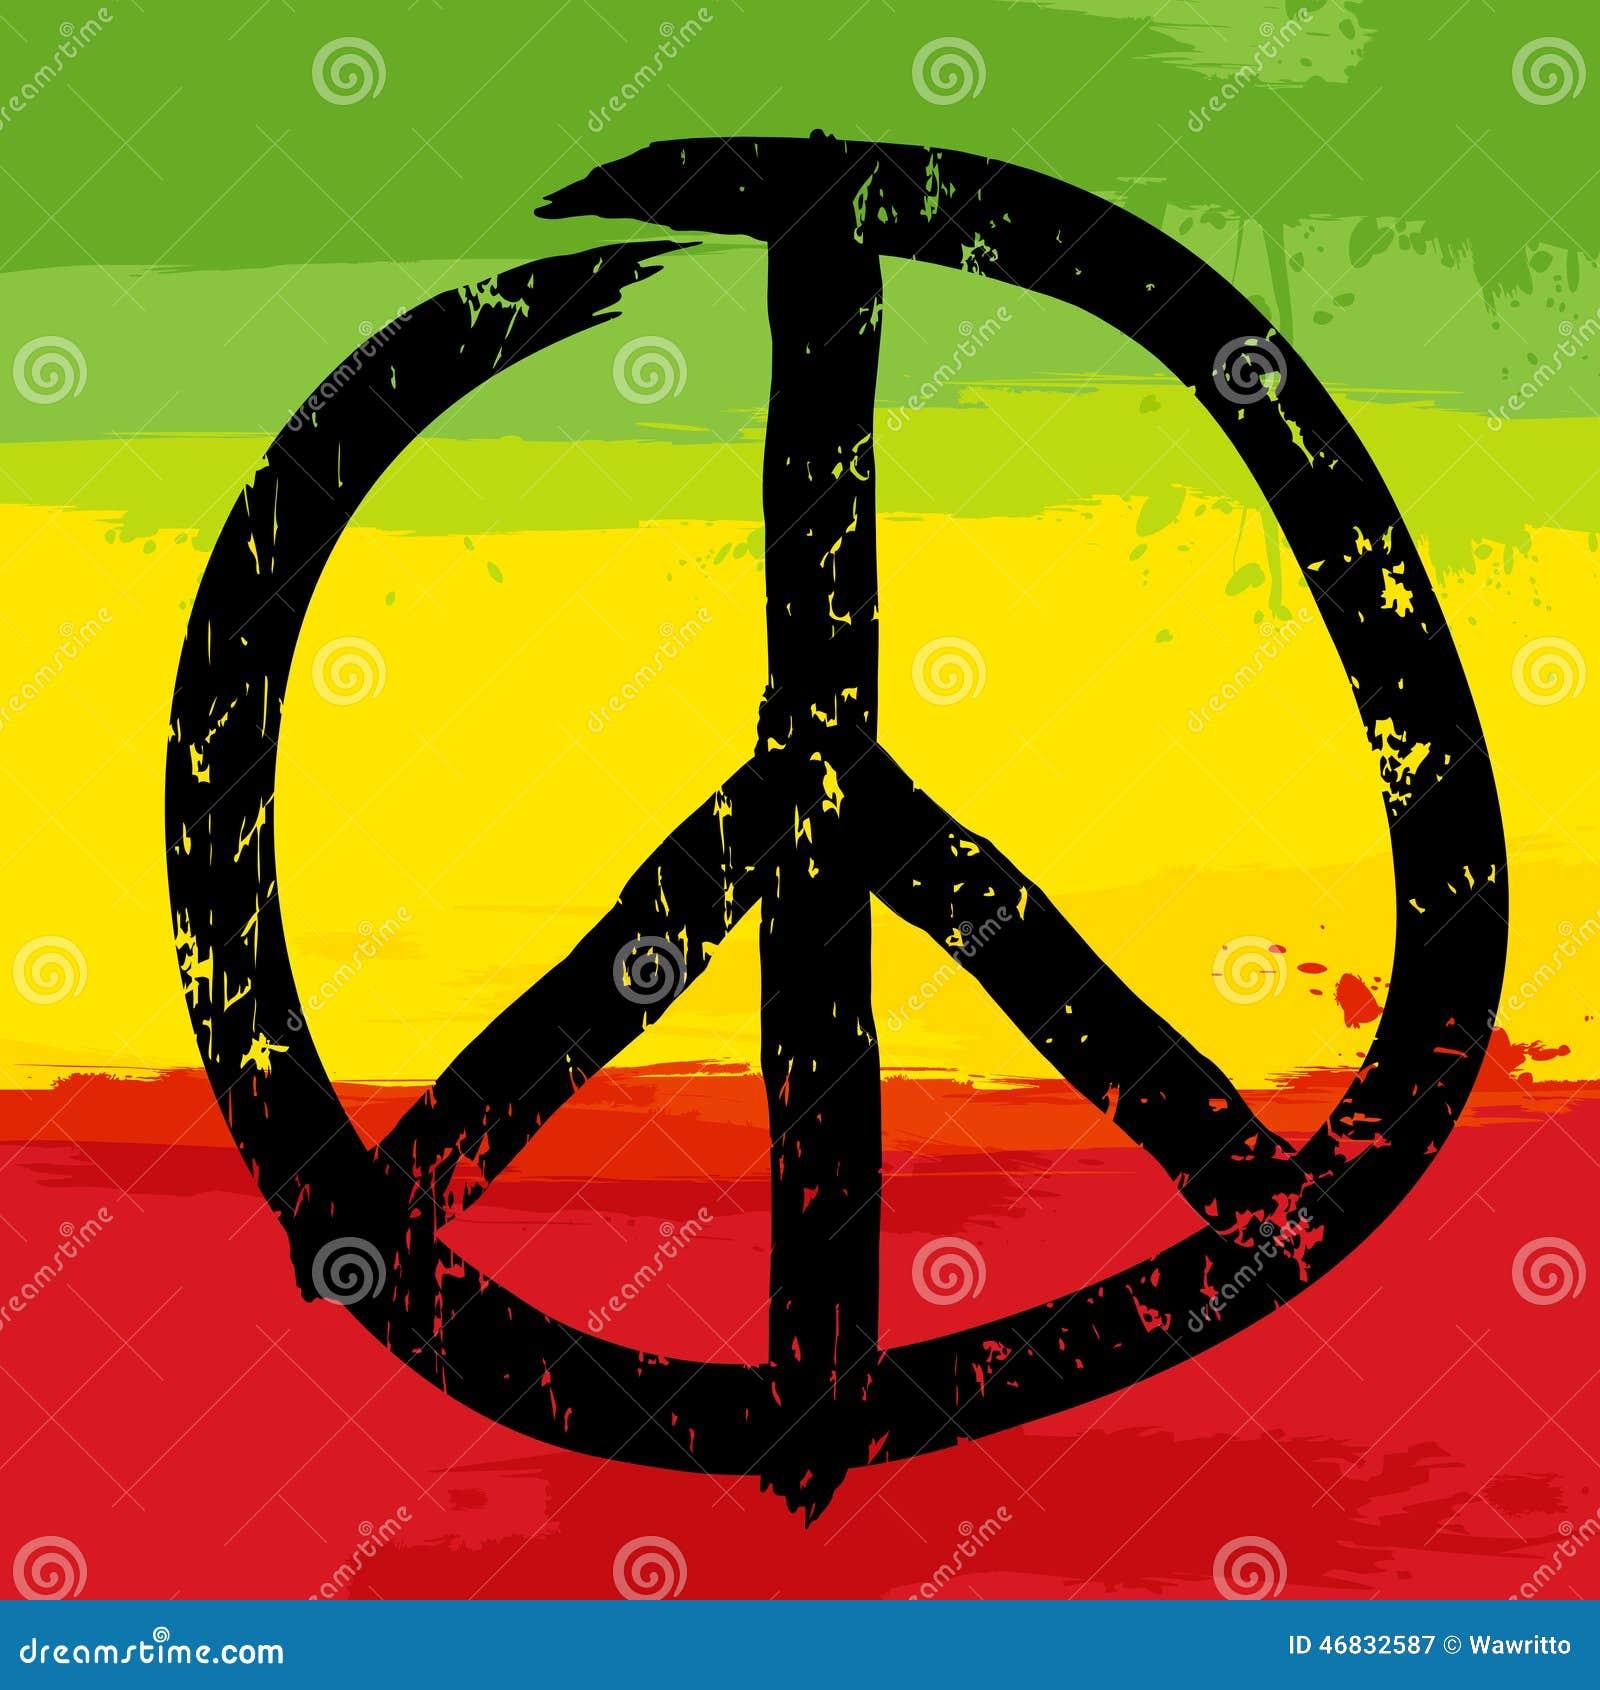 Rastafarian 2: Simbolo Di Pace E Colori Rastafarian Nel Fondo